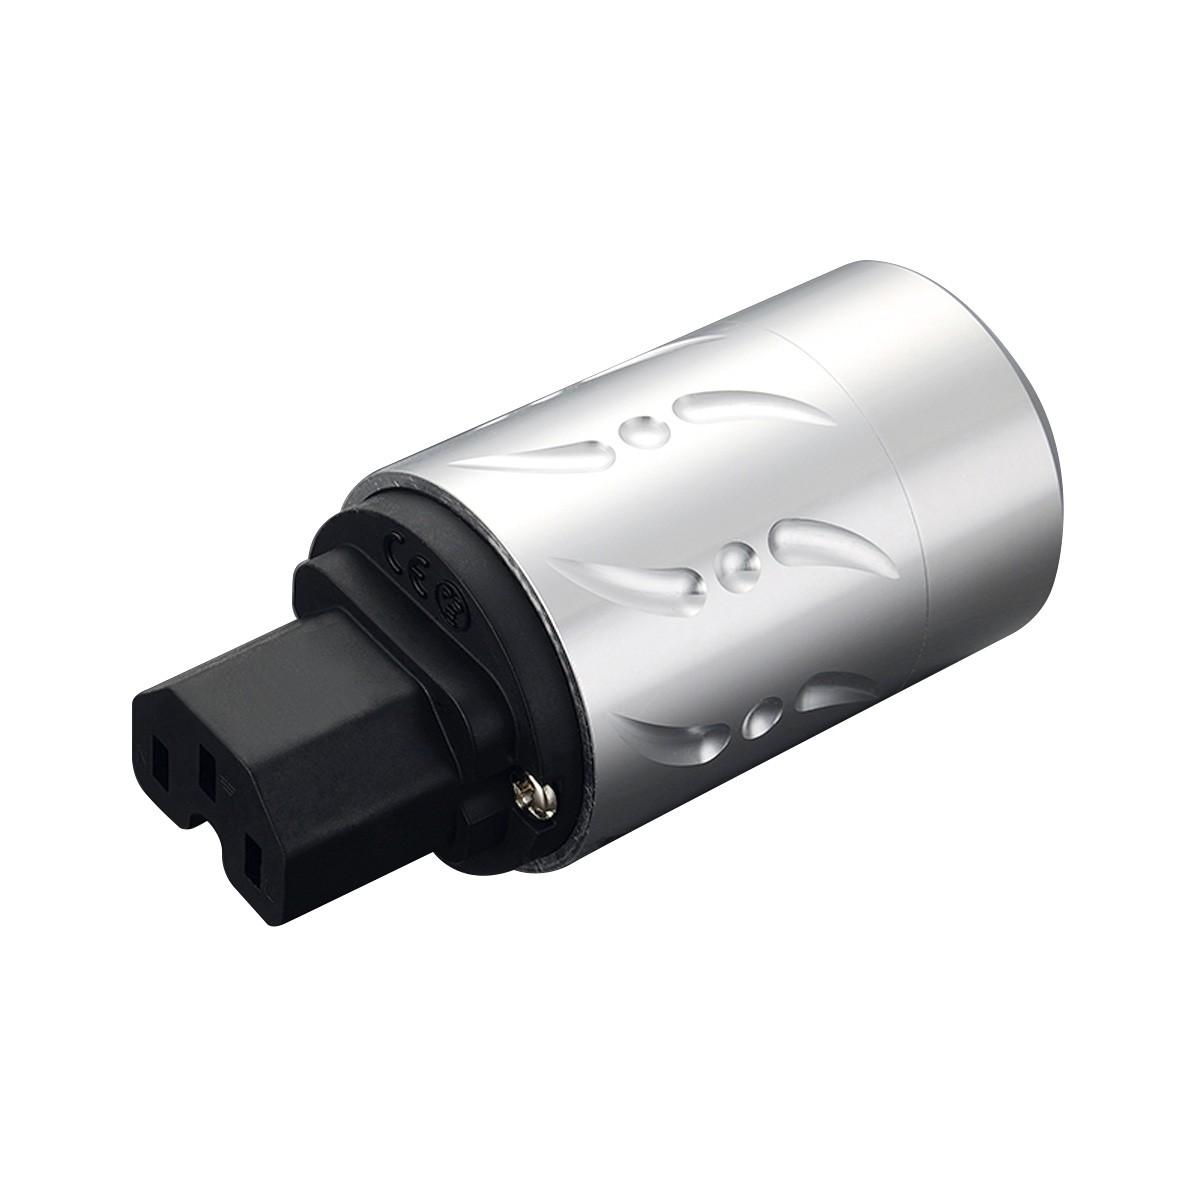 VIBORG VF502 Connecteur IEC C15 Cuivre Pur Ø20mm